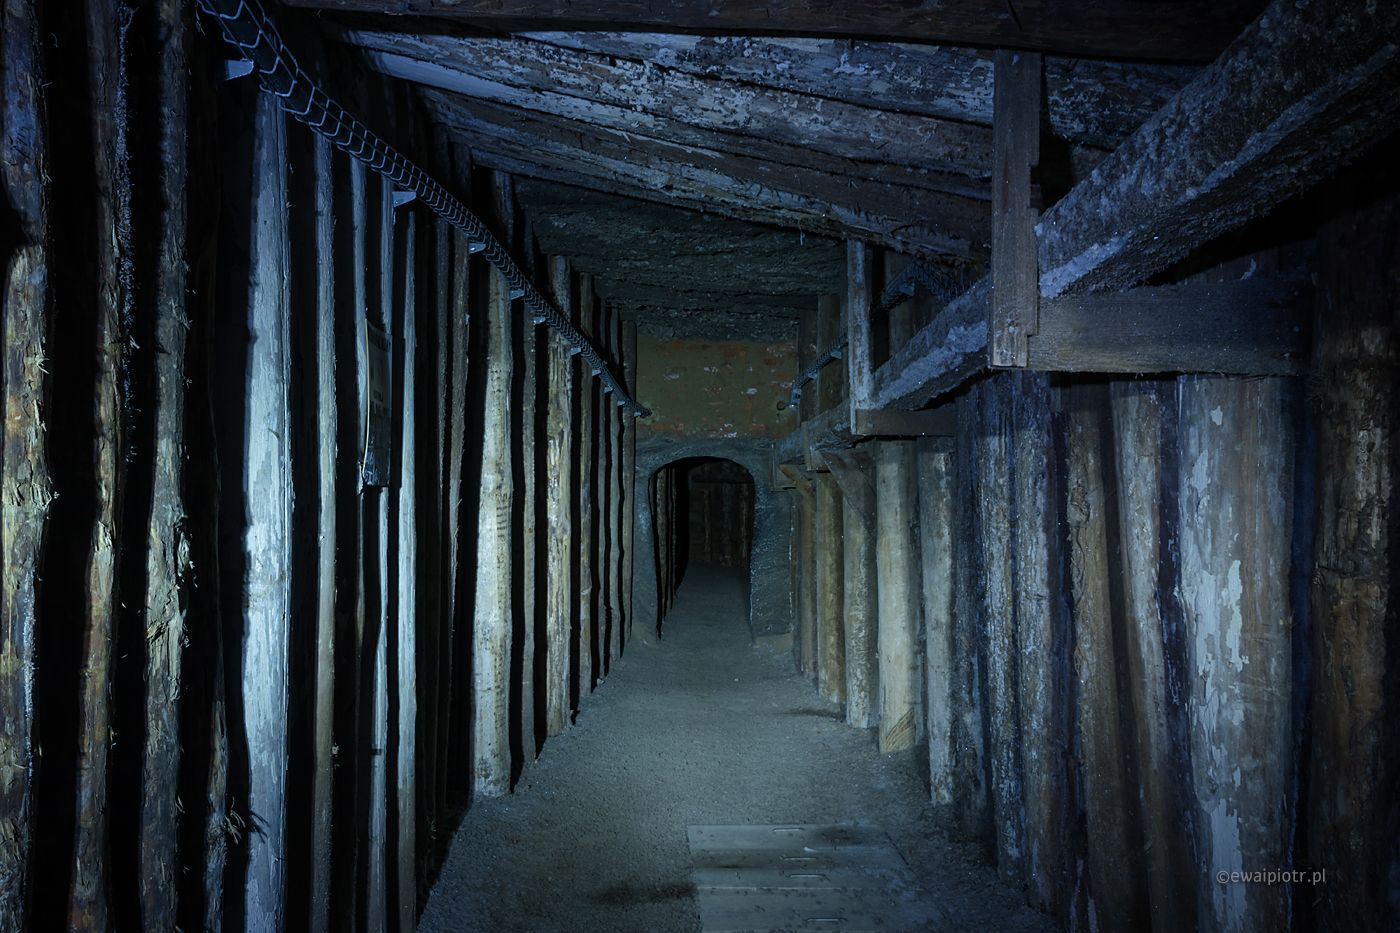 Światło na Trasie Górniczej, fotowarsztaty Wieliczka